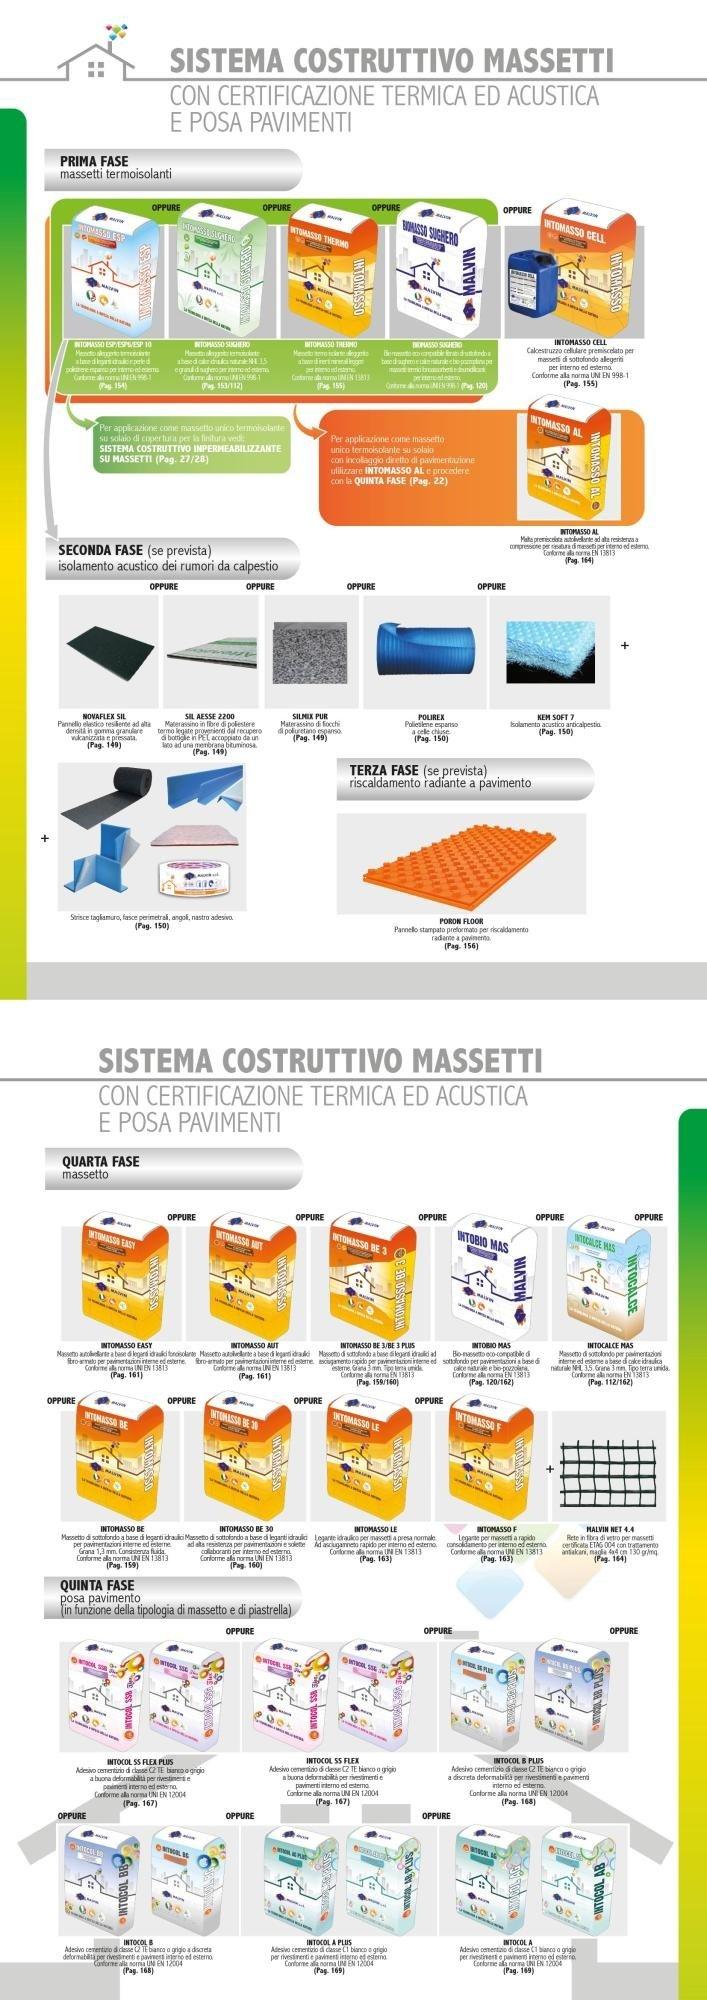 Sistema Costruttivo Massetti con Certificazione Termica ed Acustica e Posa Pavimenti